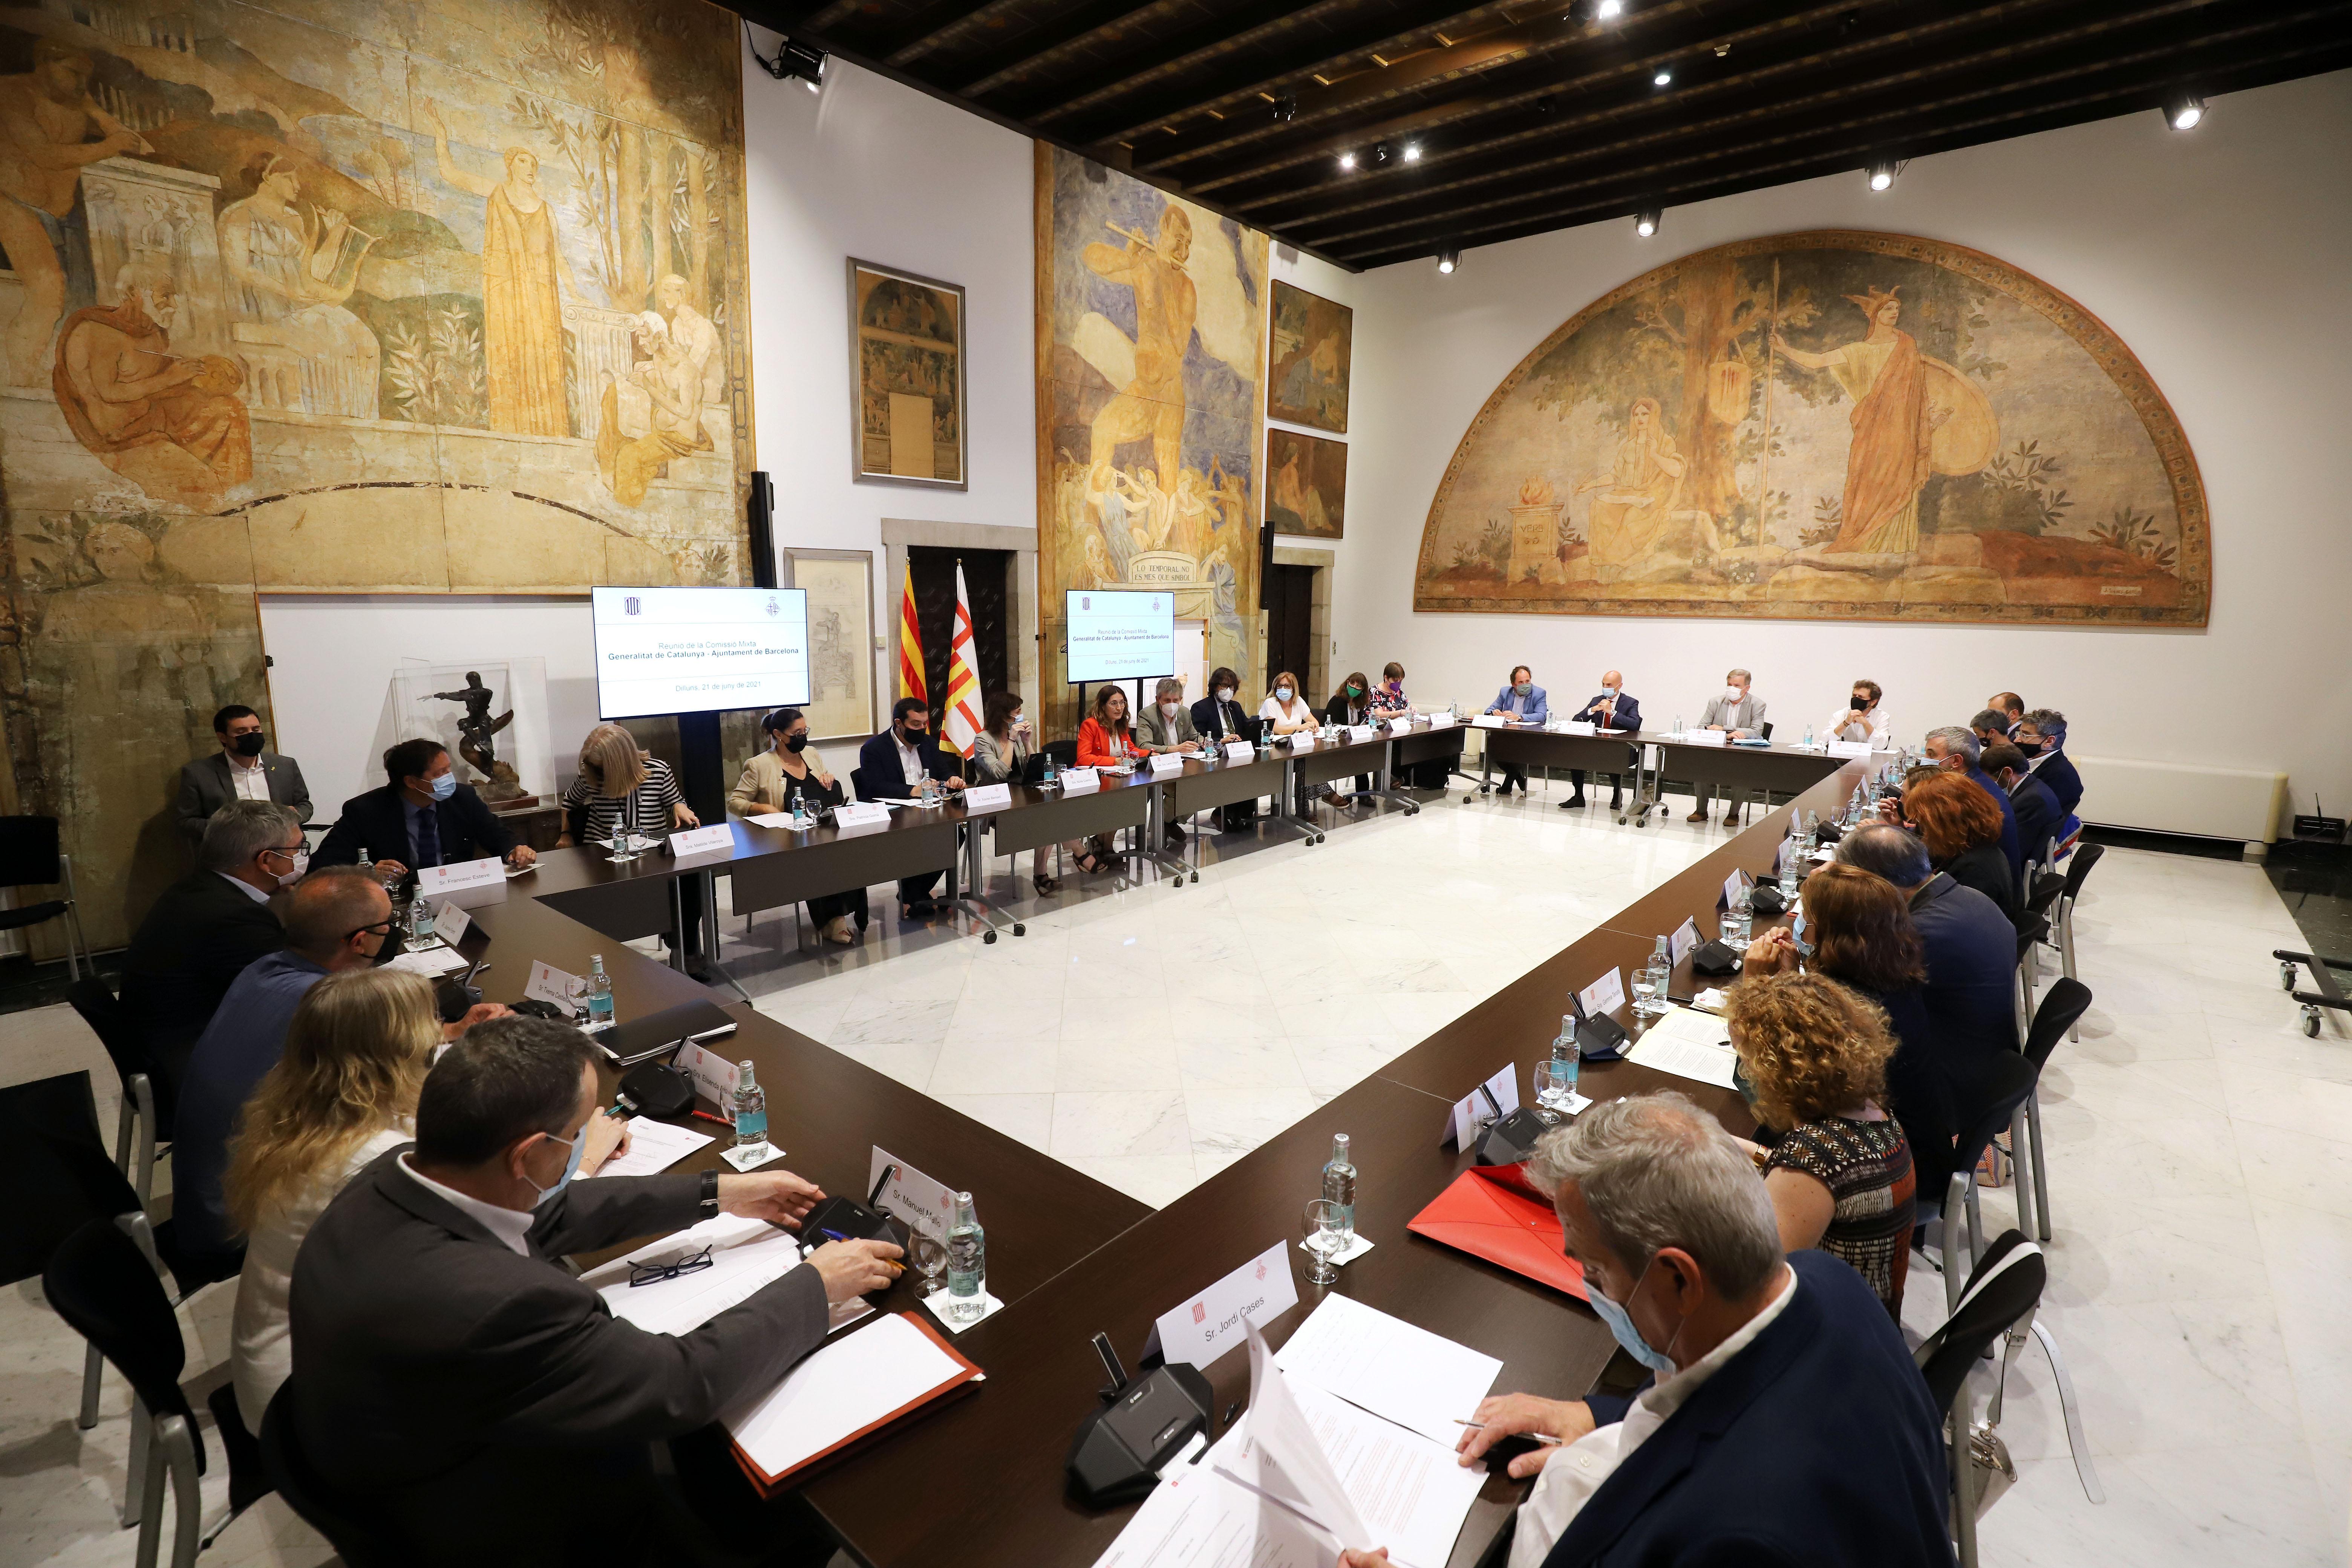 Comissió mixta Generalitat - Ajuntament de Barcelona